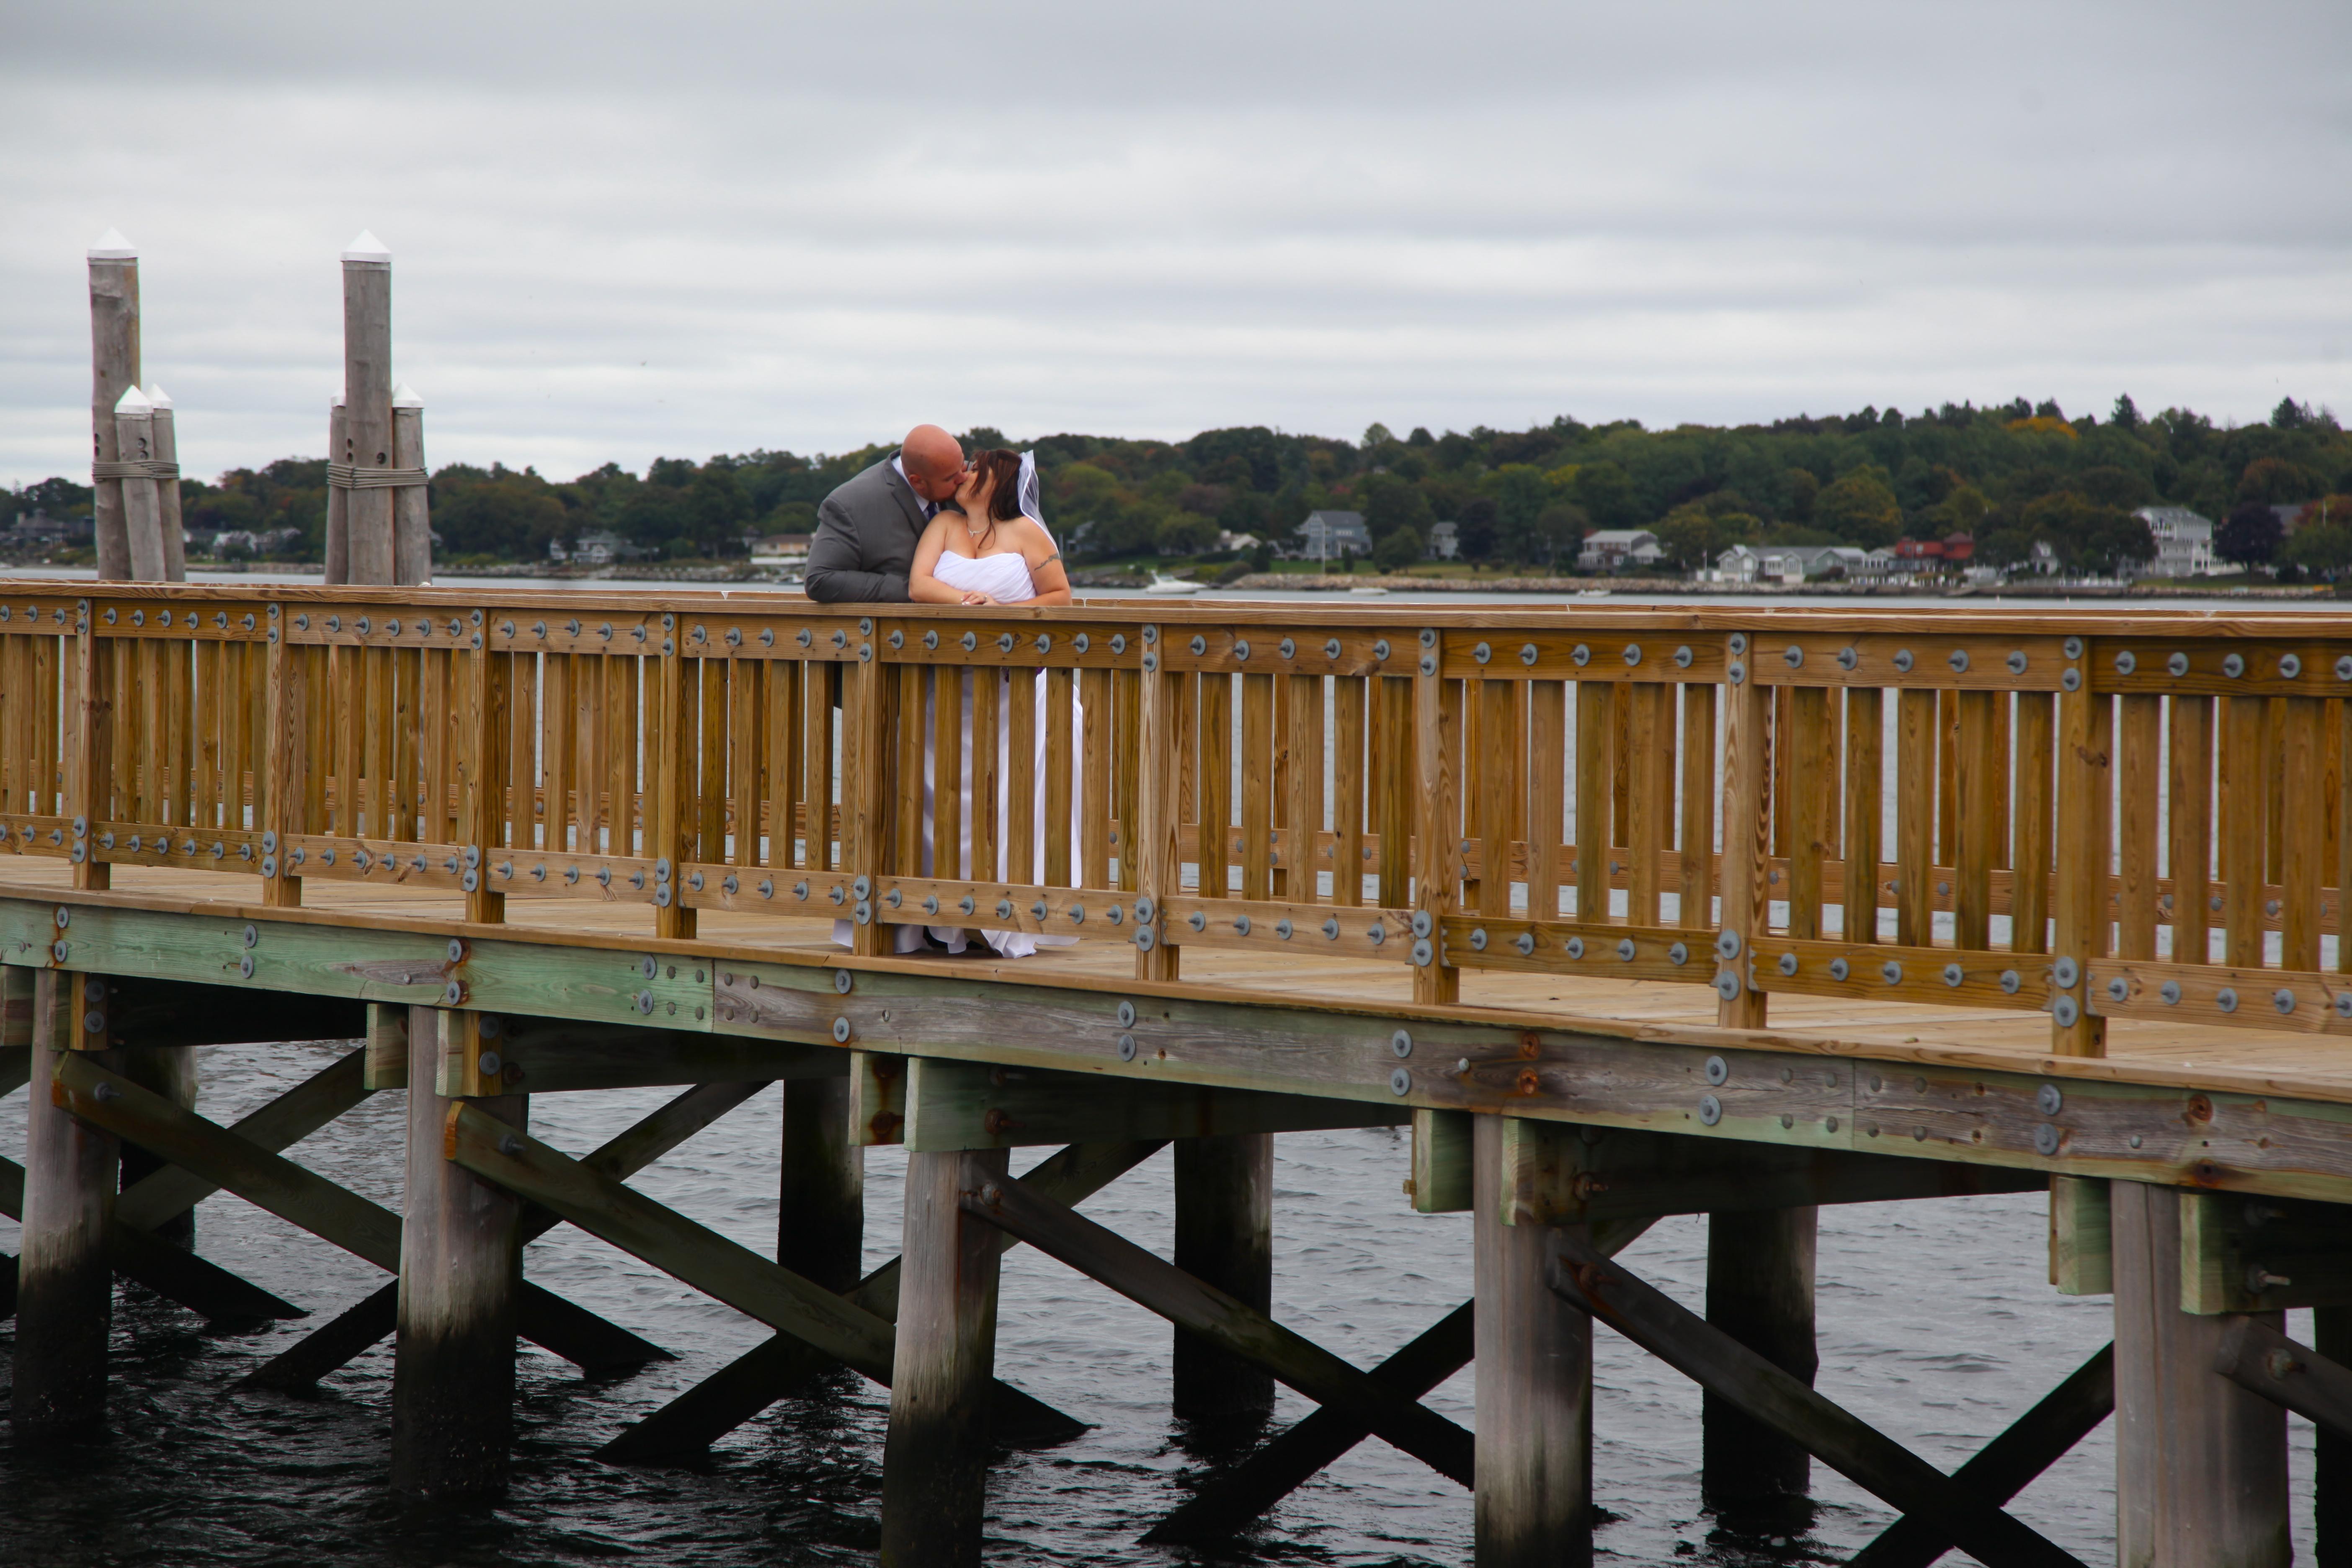 Wedding Kiss on a bridge